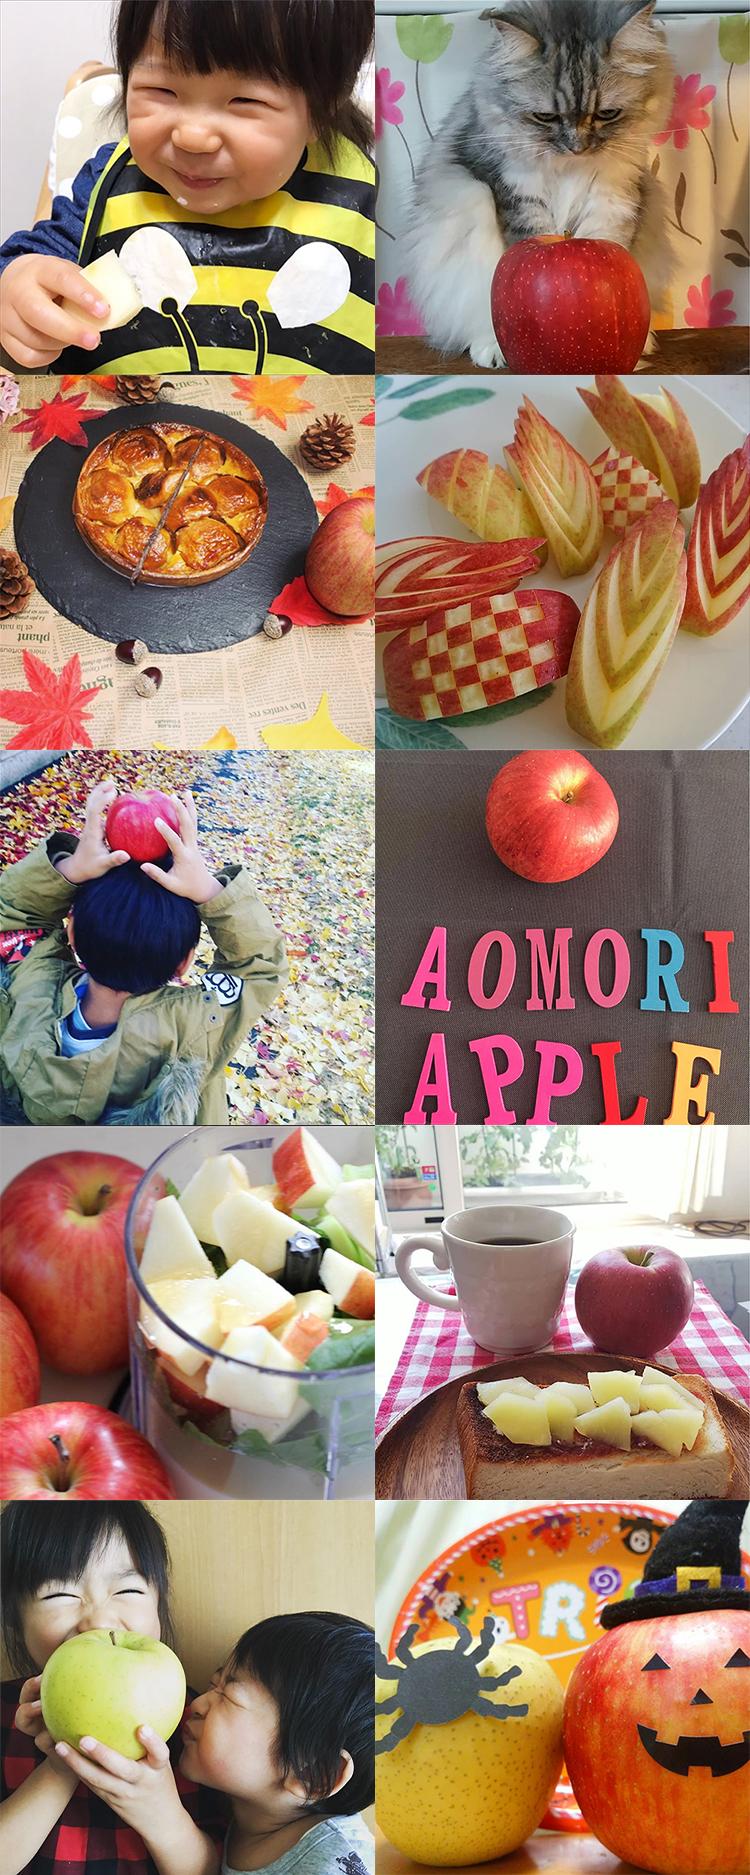 私の美活は食べるだけ青森りんごキャンペーン10月結果